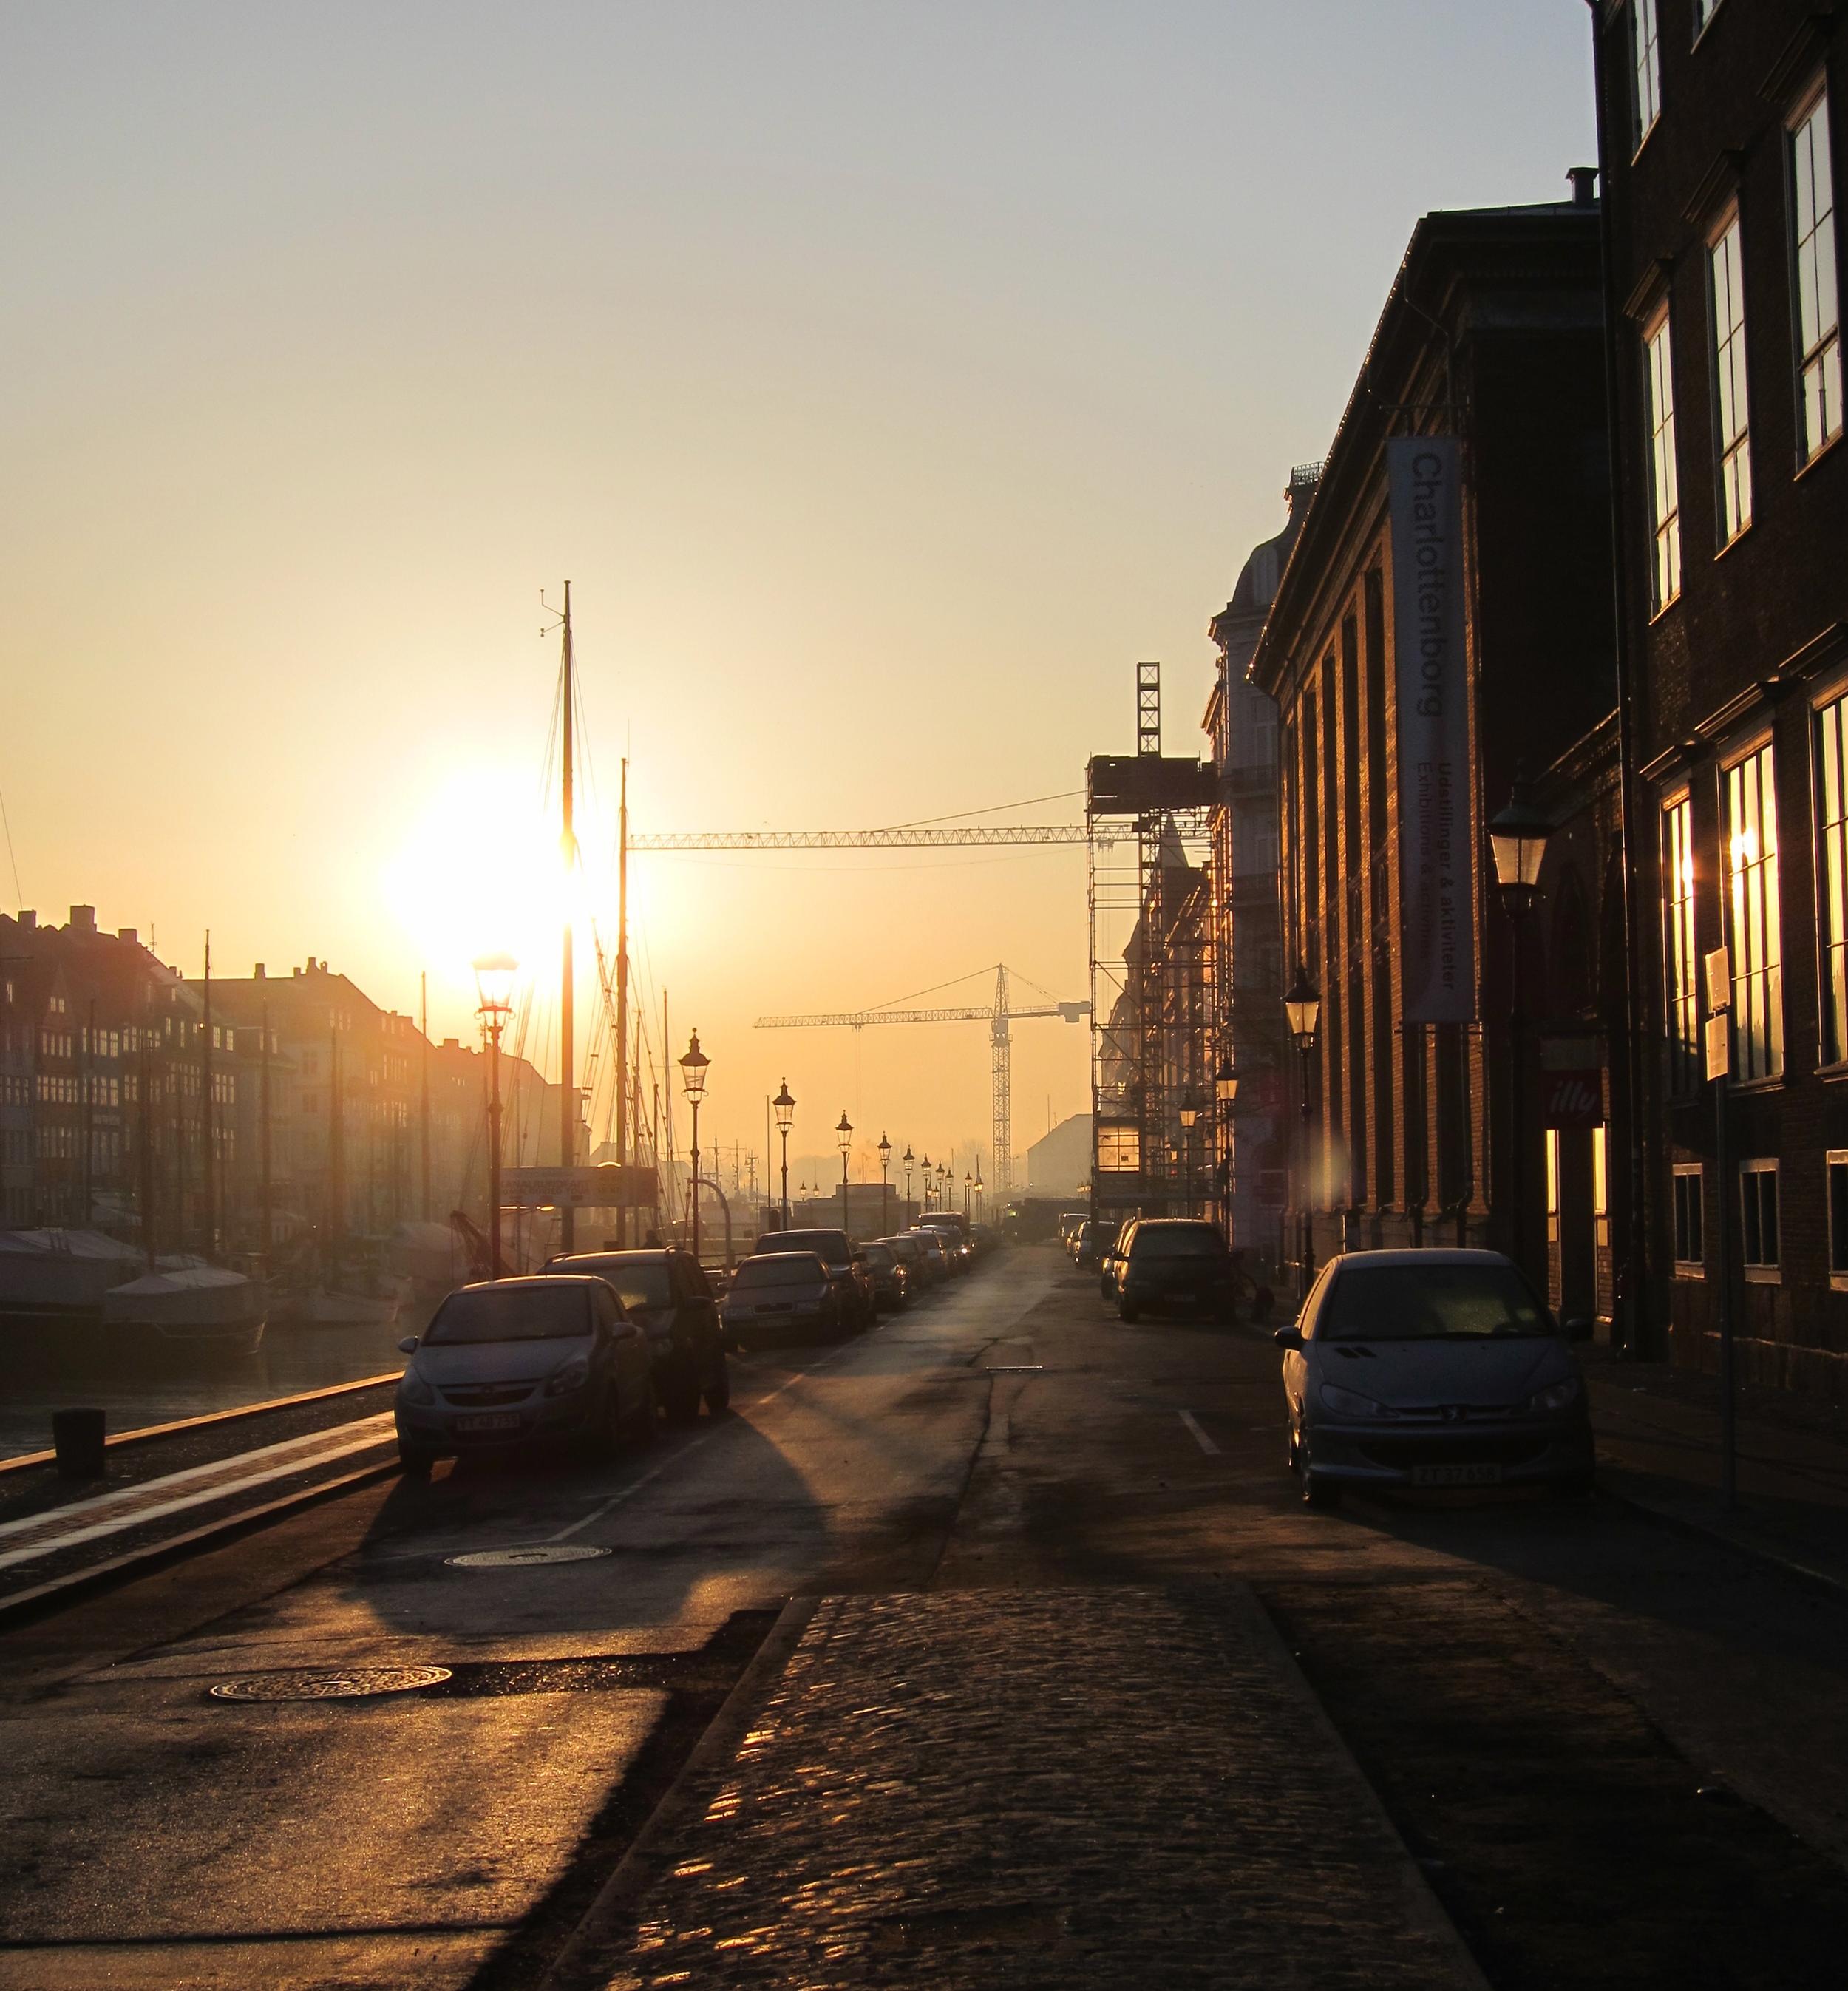 Nyhavn - morning light